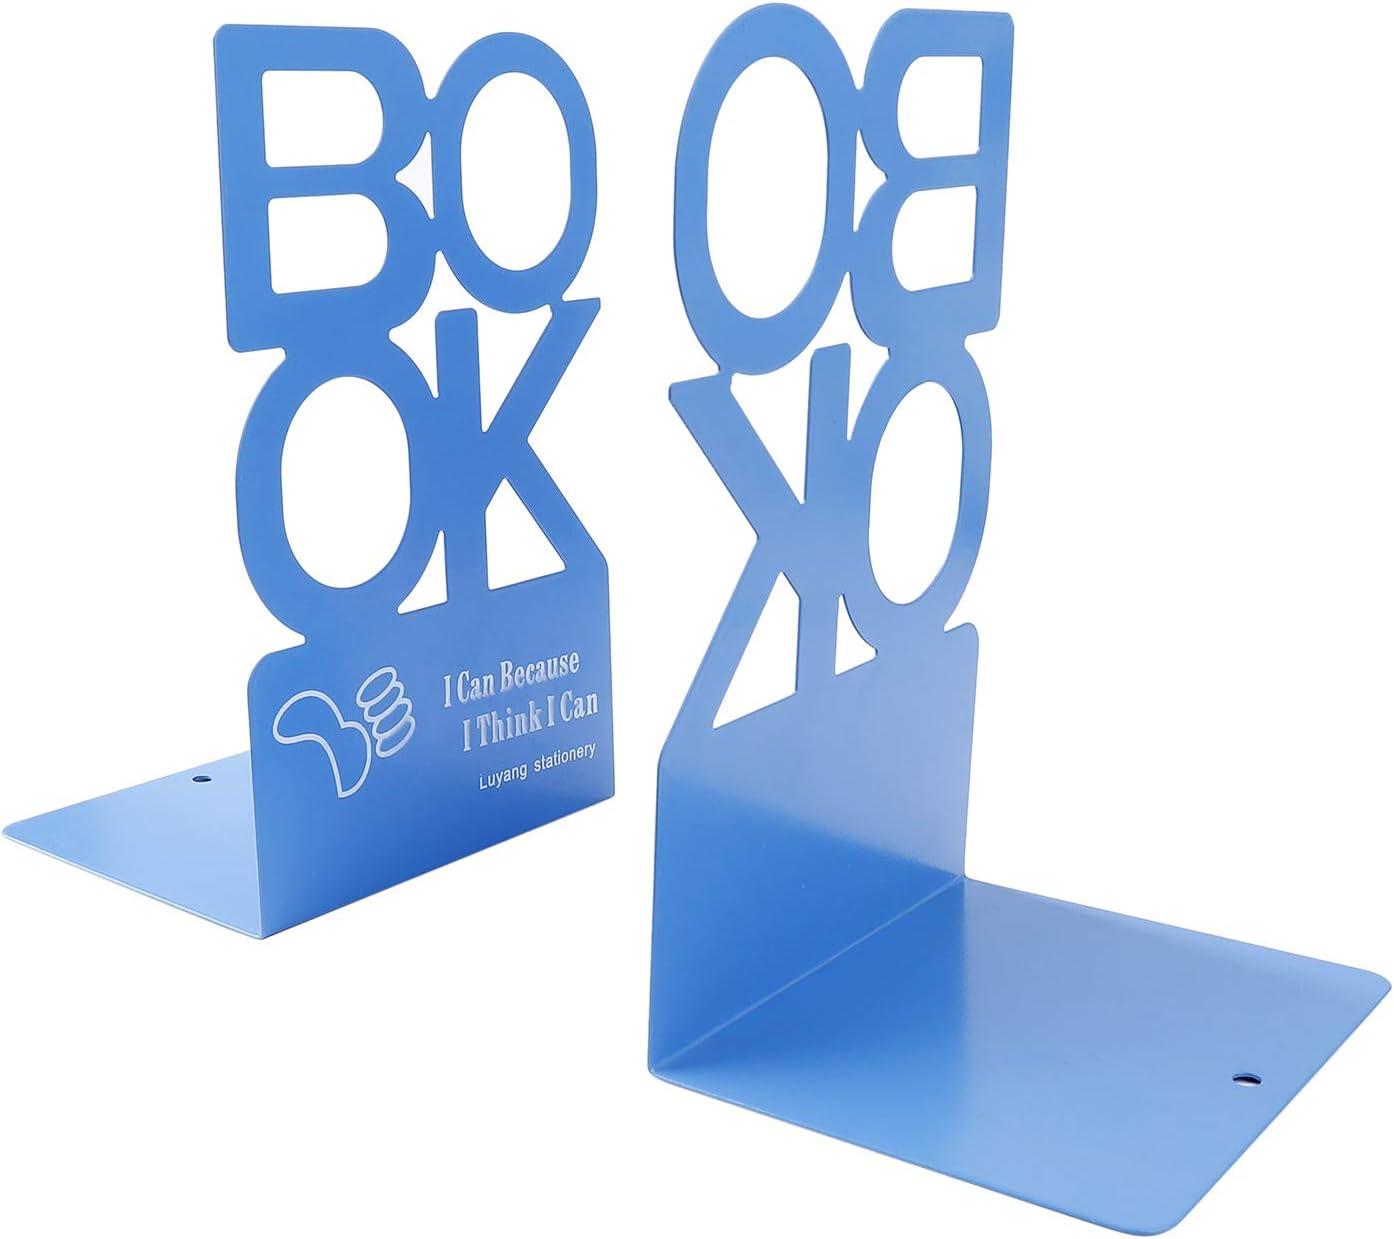 Studenten Geschenk 1 Paar Blau, H/öhe 205mm Metall Buchst/ütze Einfachen StilBOOK Alphabet Form Rutschfeste Buchst/ützen f/ür Schreibtisch Zuhause Dekoration B/üro